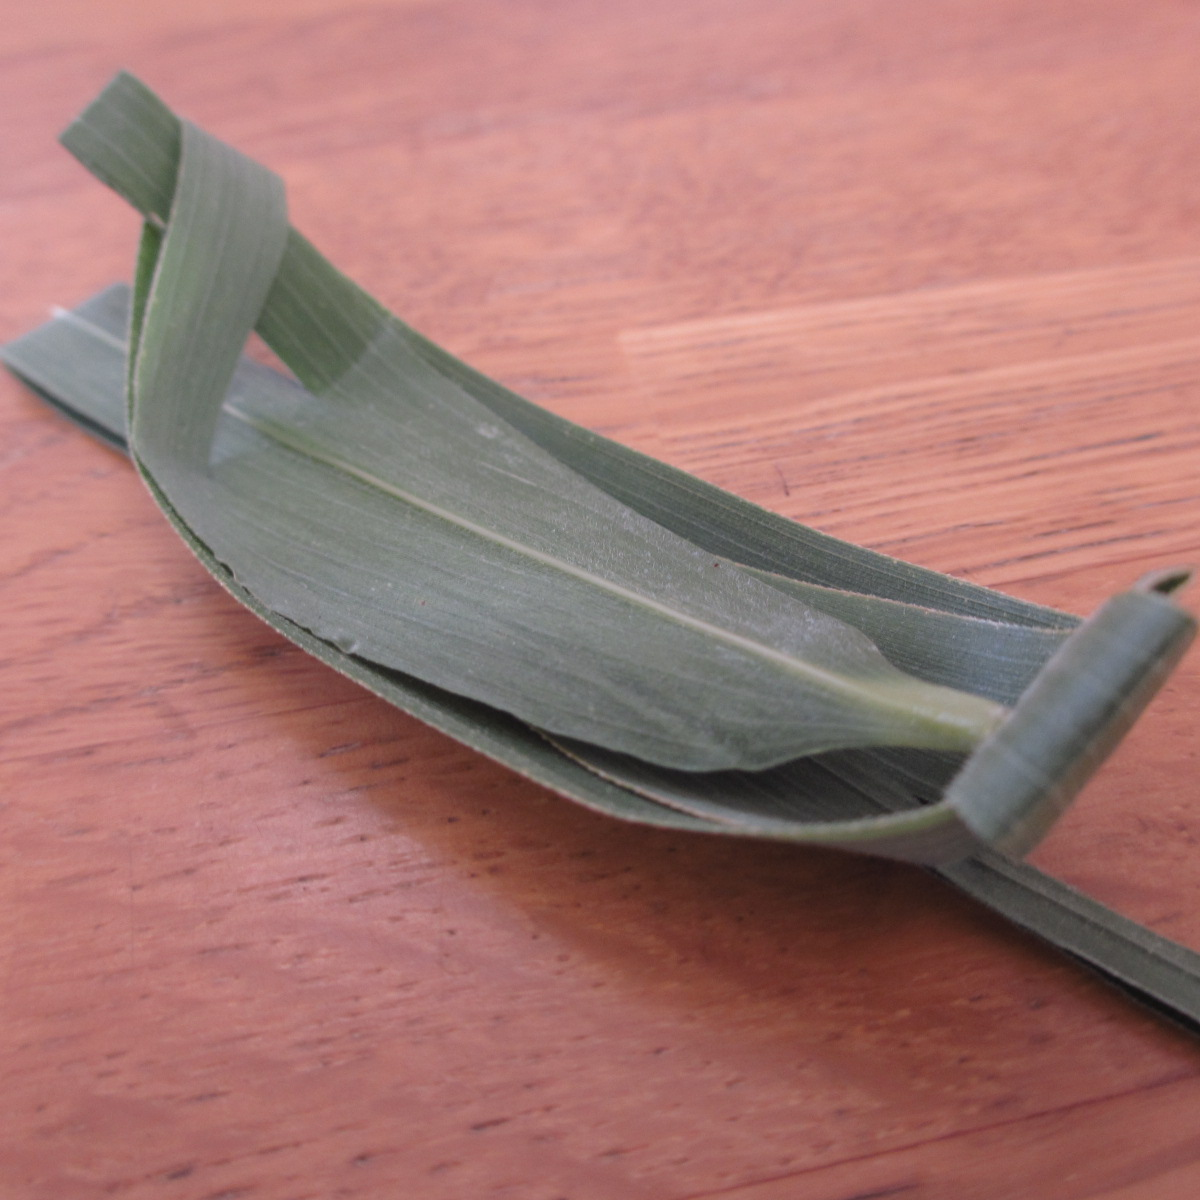 キャンプや川遊びに!昔懐かし笹舟の作り方